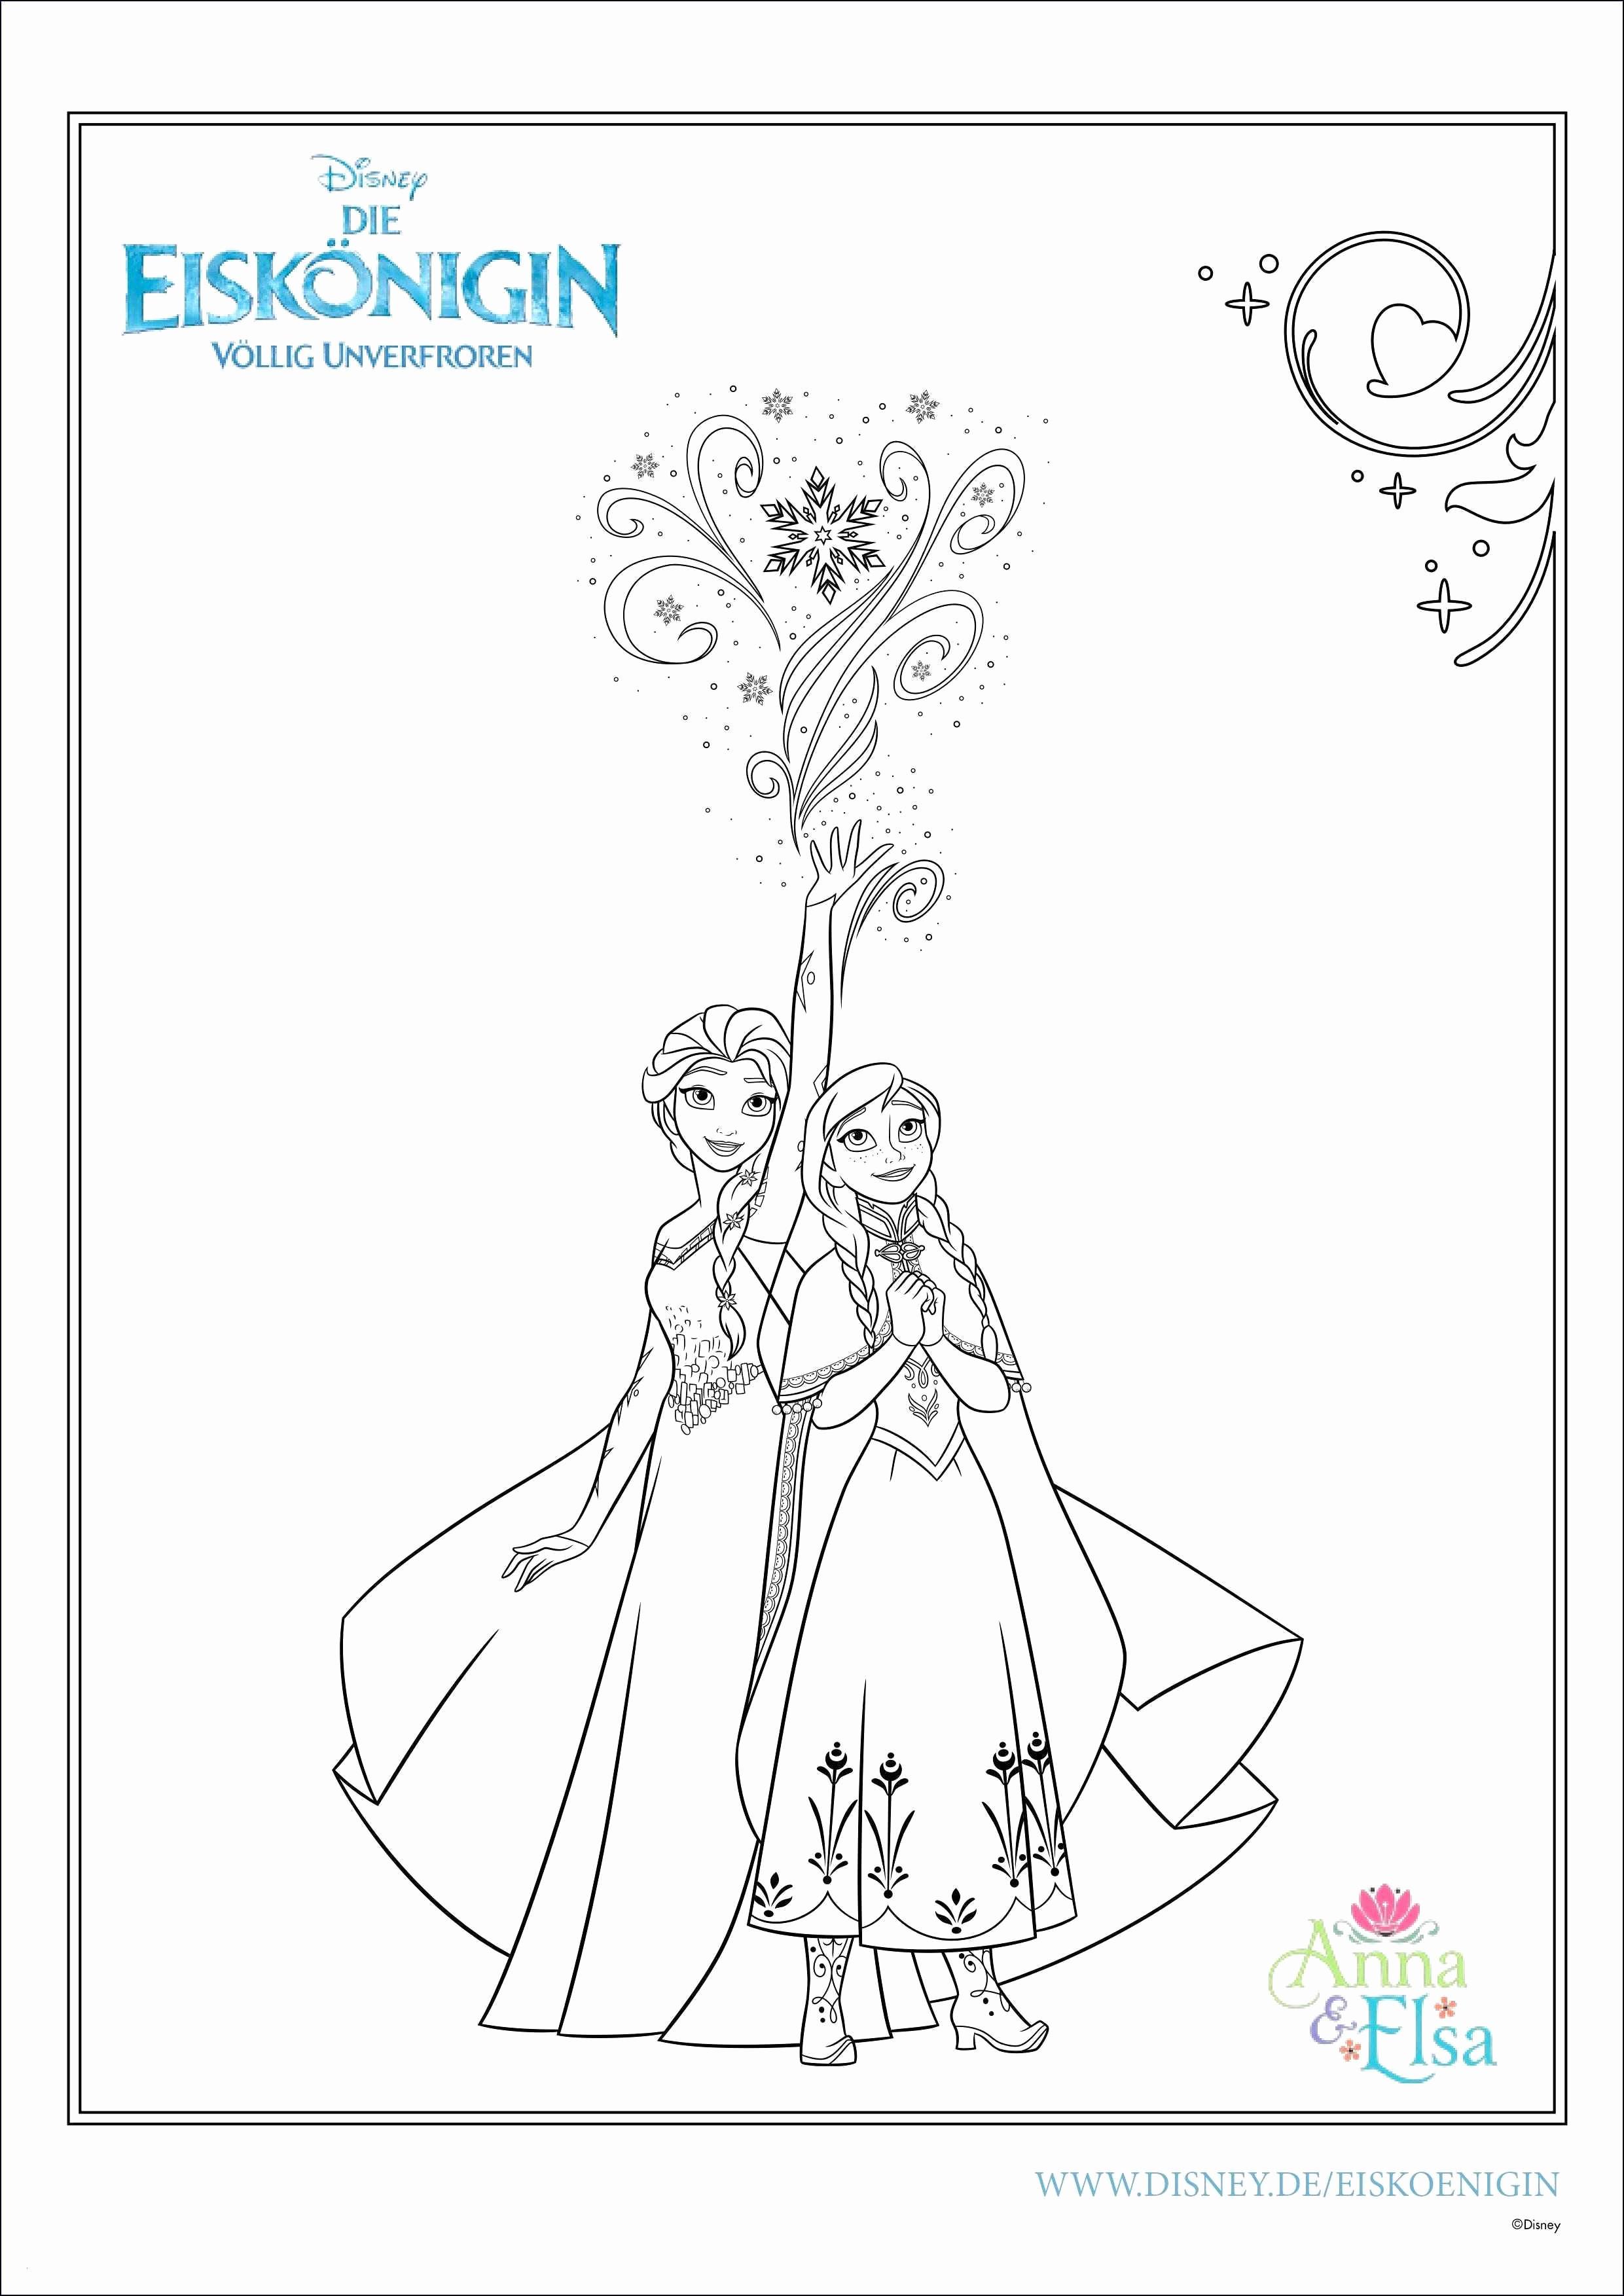 Ausmalbilder Disney Zum Ausdrucken Genial Bilder Zum Ausmalen Und Ausdrucken Disney 8 Baby Disney Galerie